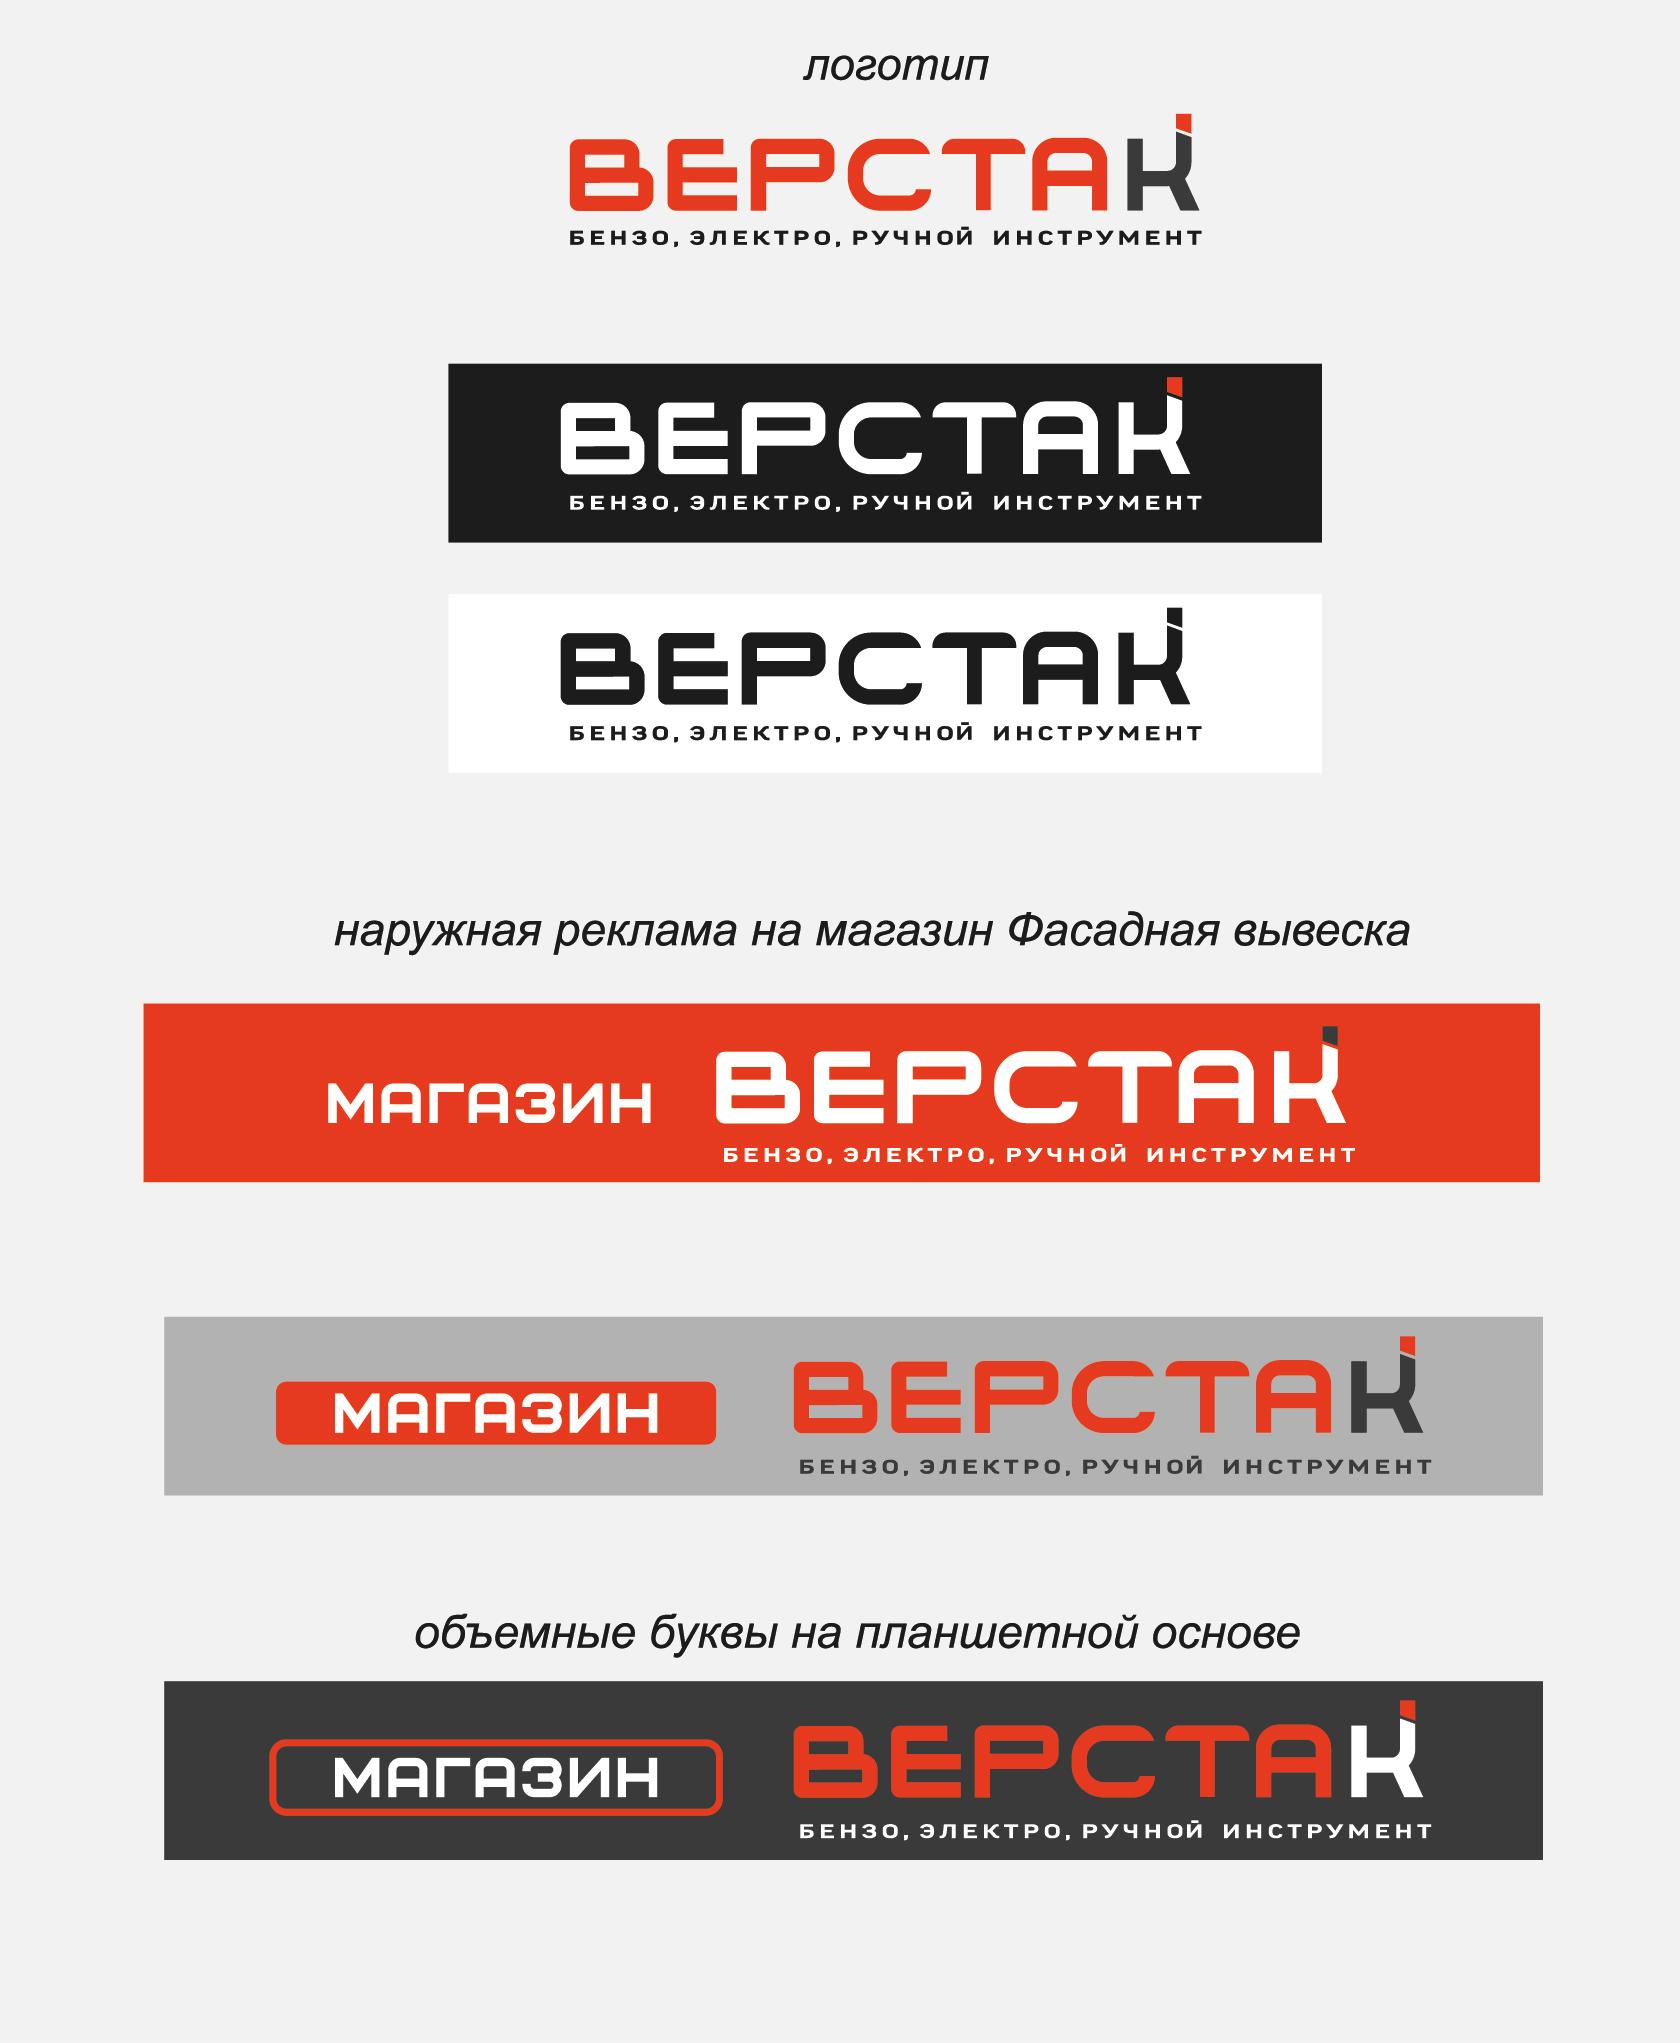 Логотип магазина бензо, электро, ручного инструмента фото f_8795a0f75b6bfcf8.jpg